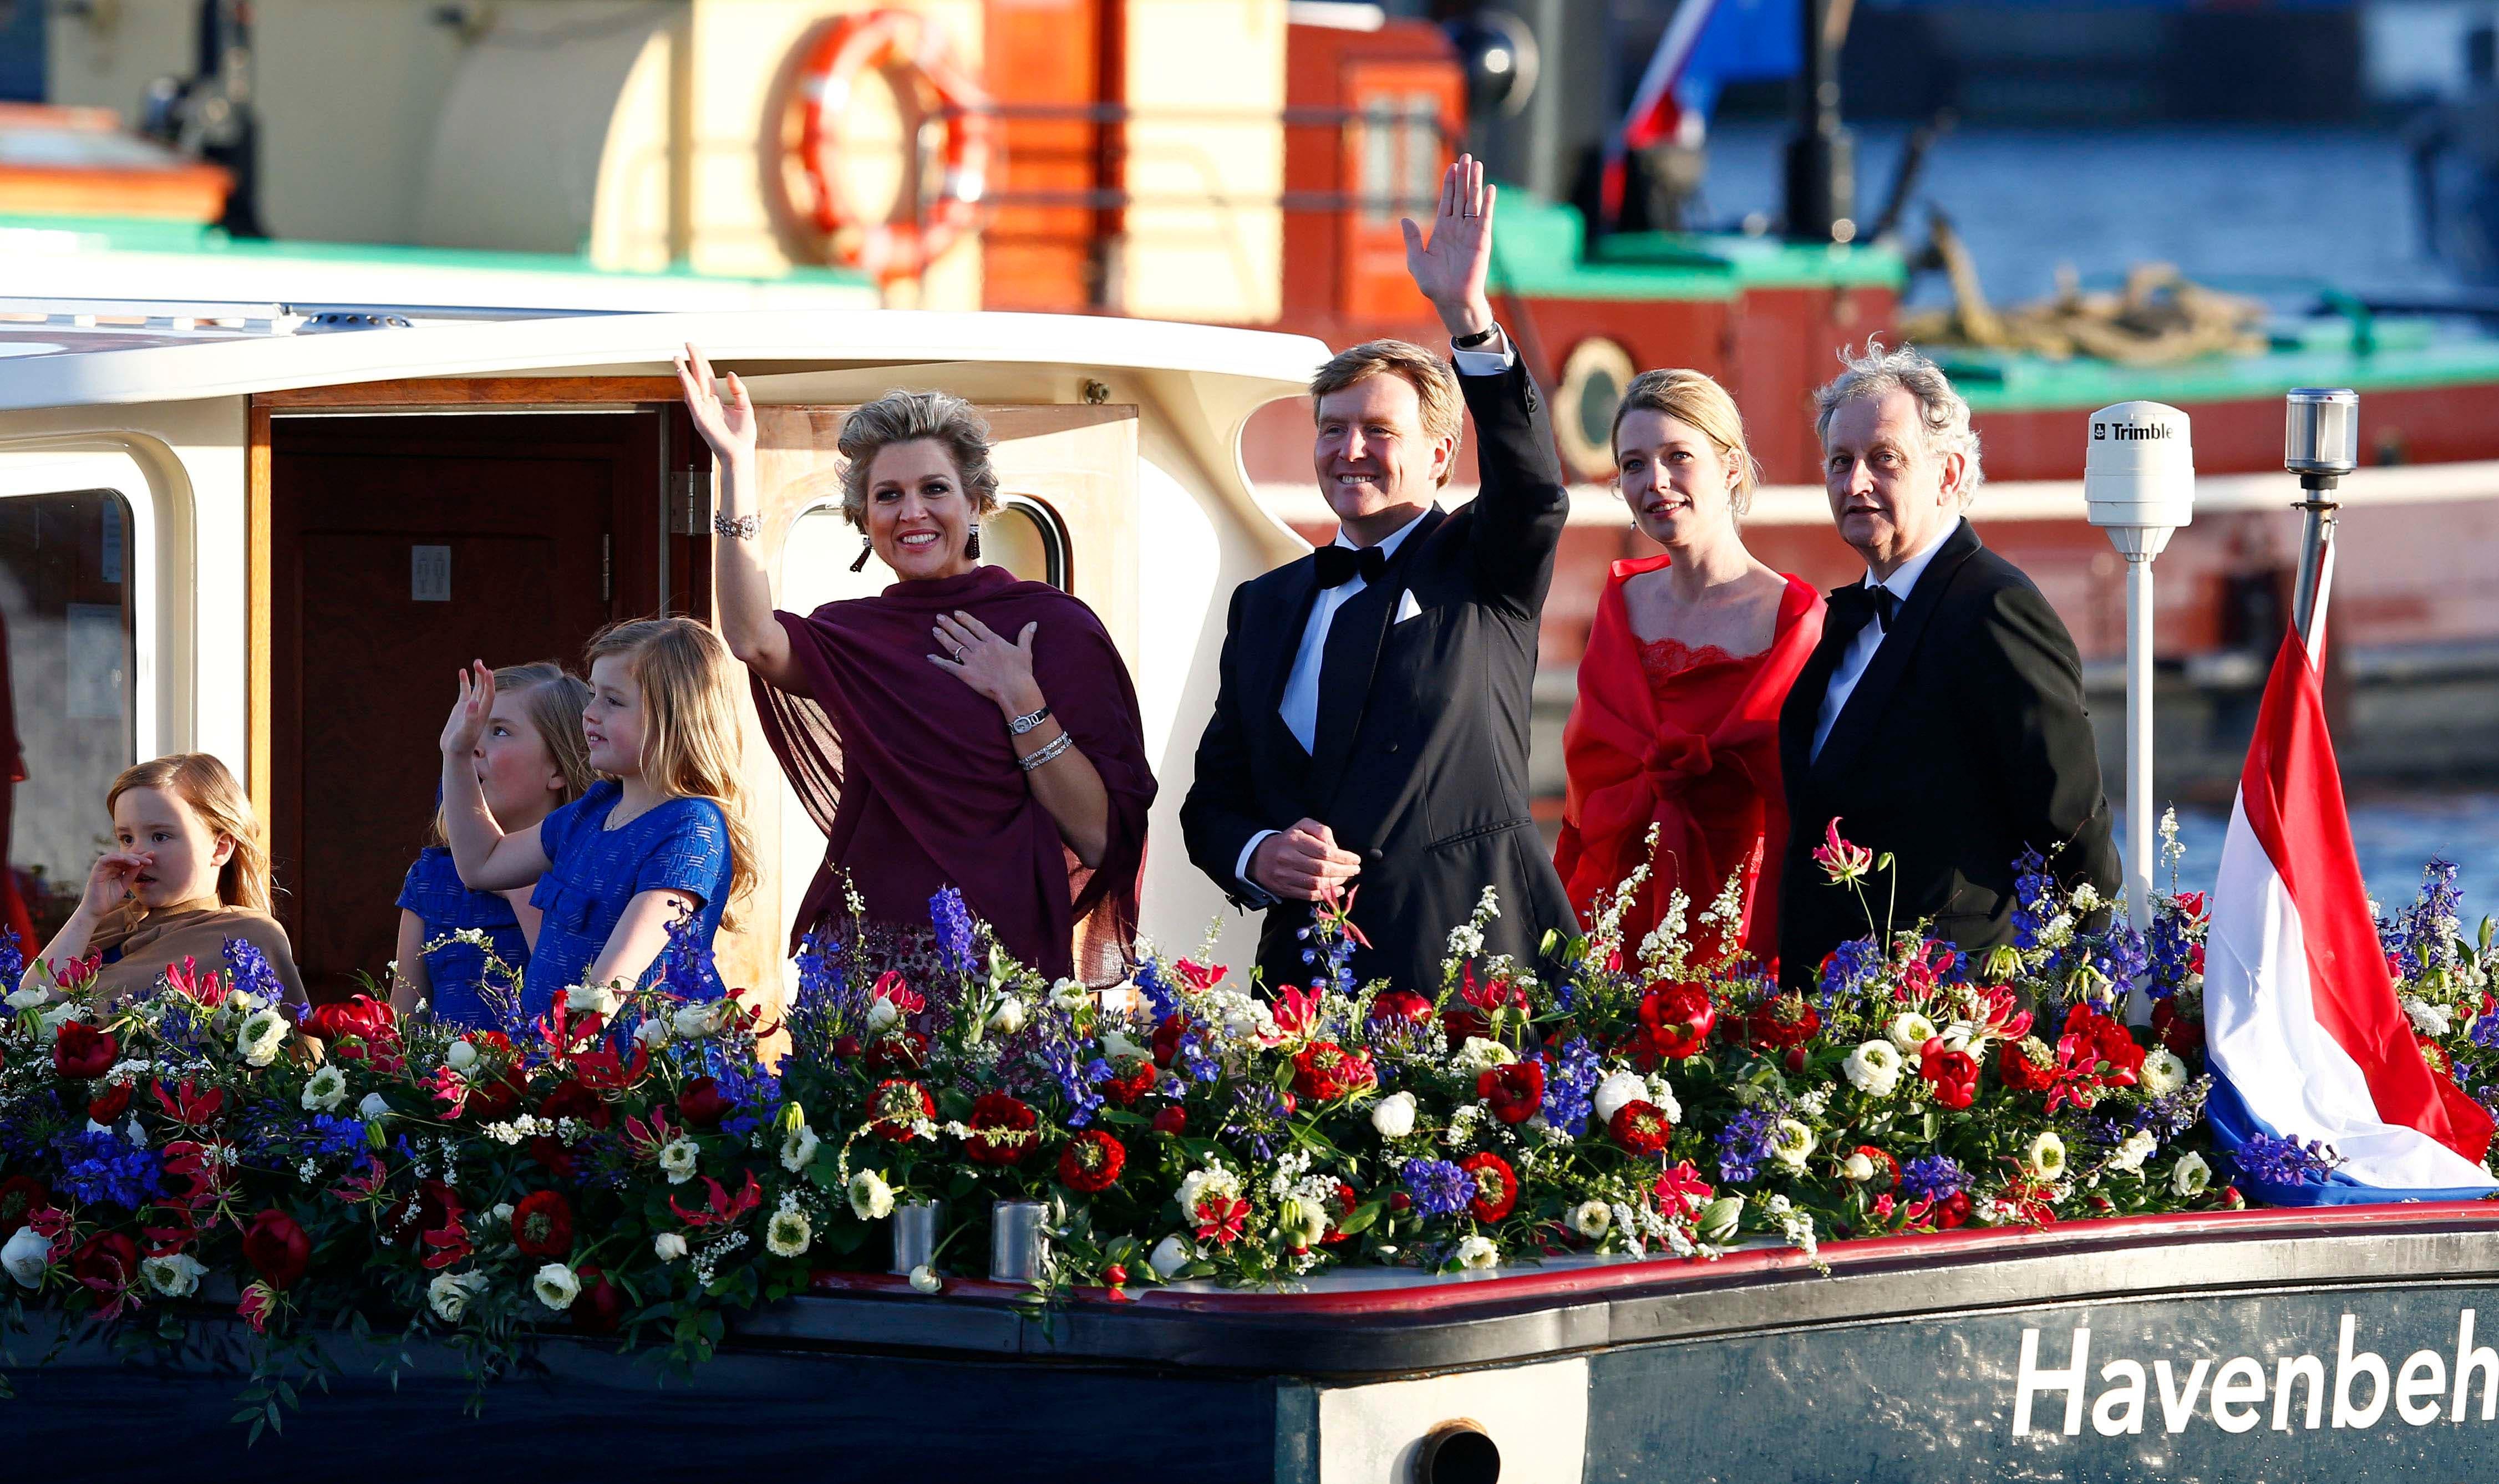 La familia real durante el paseo en barco. Foto: /AP